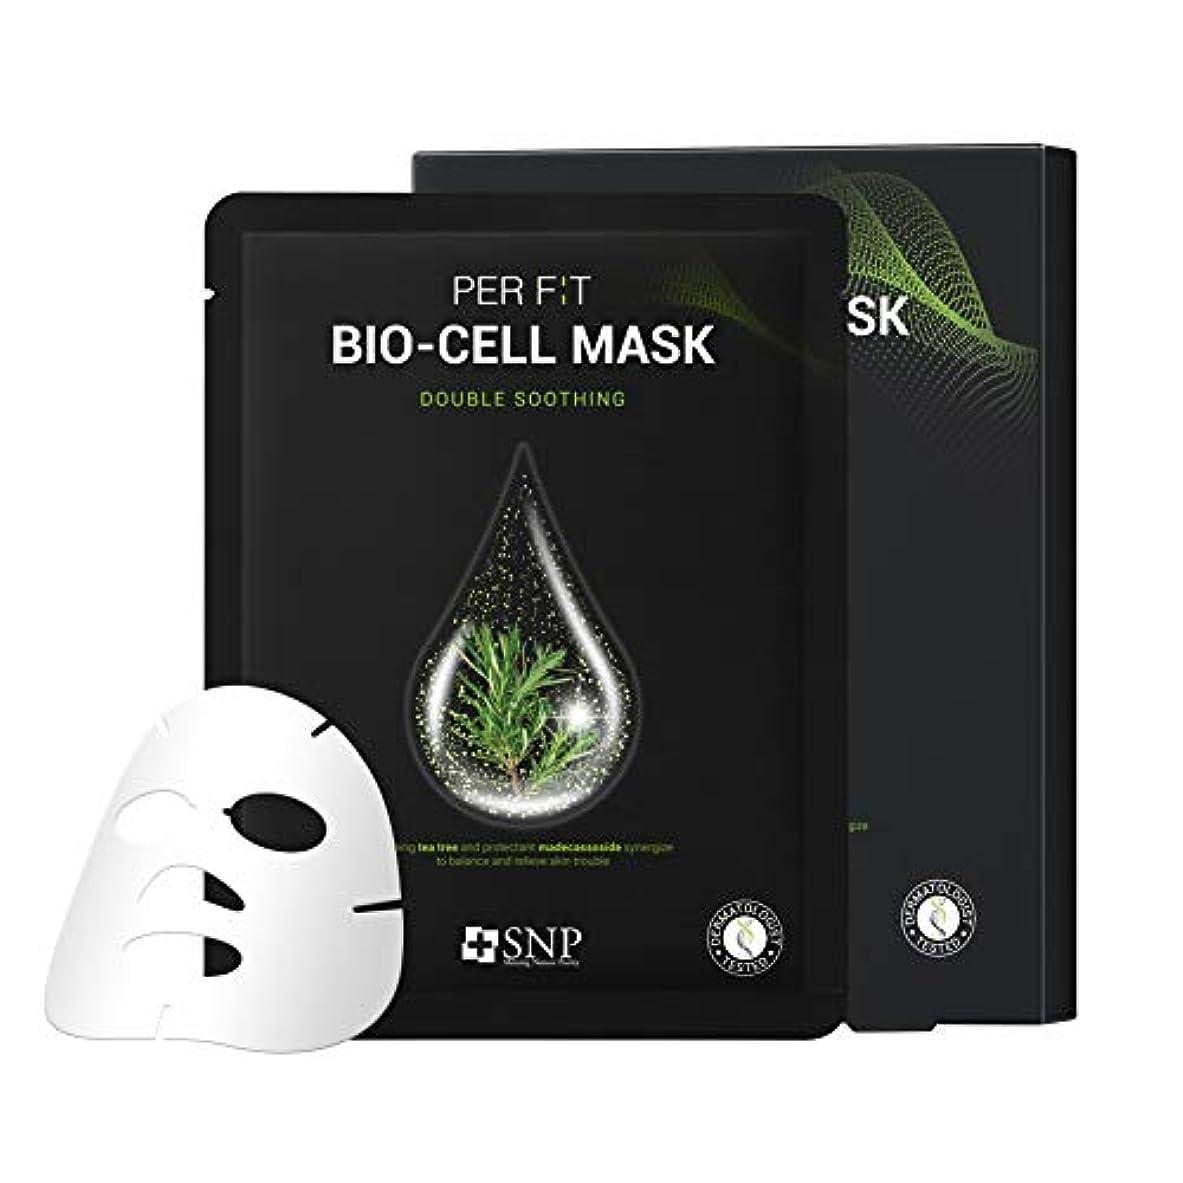 放出部分的に哺乳類【SNP公式】 パーフィット バイオセルマスク ダブルスージング 5枚セット / PER F:T BIO-CELL MASK DOUBLE SOOTHING 韓国パック 韓国コスメ パック マスクパック シートマスク